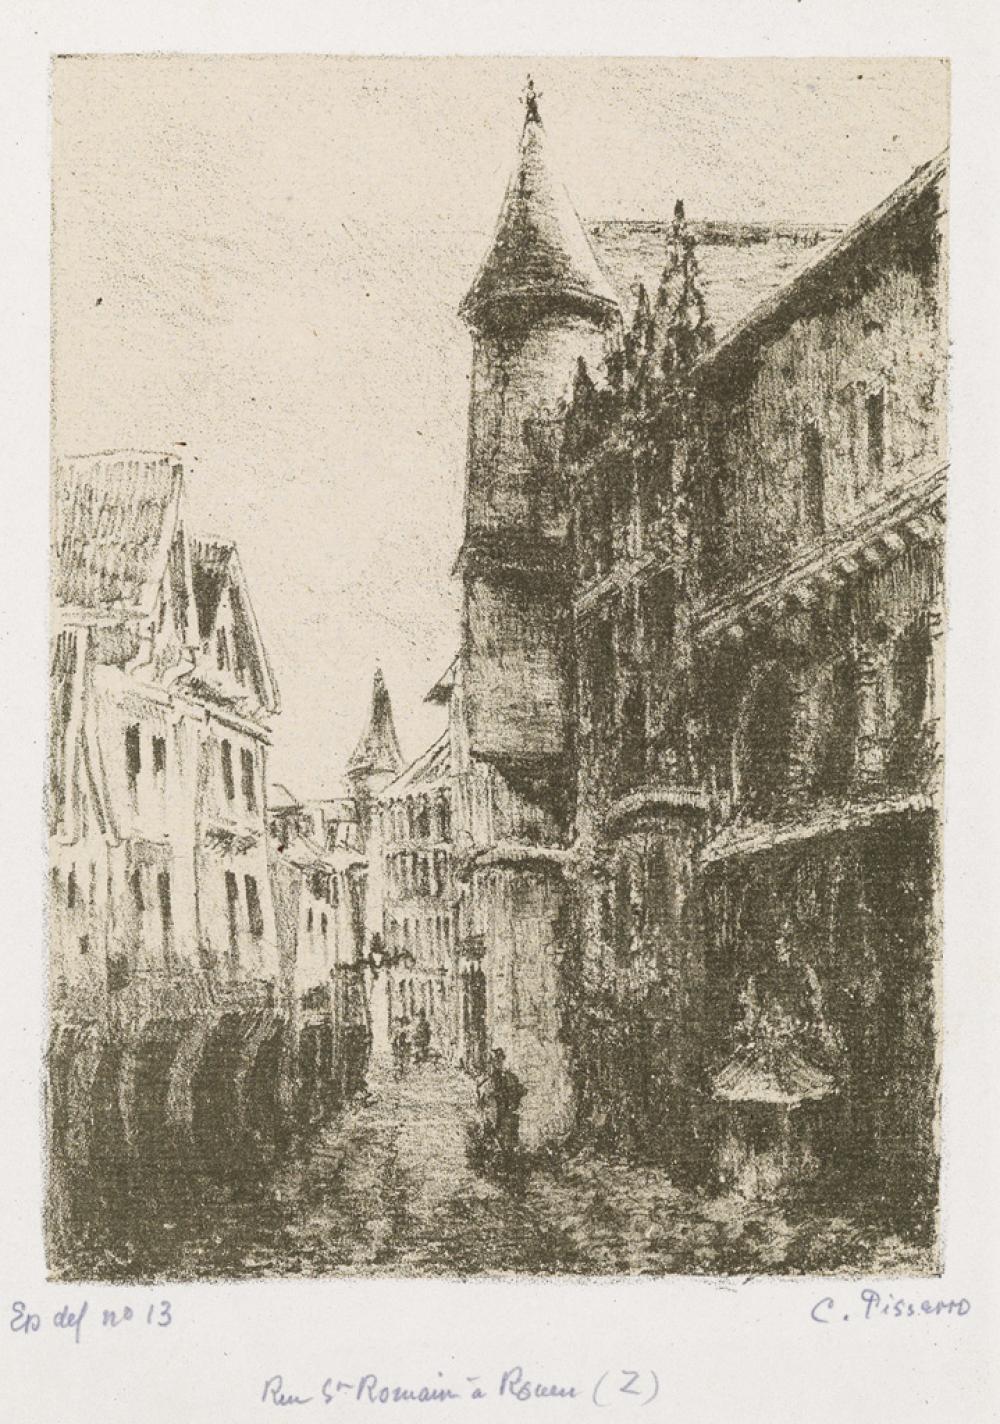 CAMILLE PISSARRO Rue Saint-Romain, à Rouen, 1ère planche.